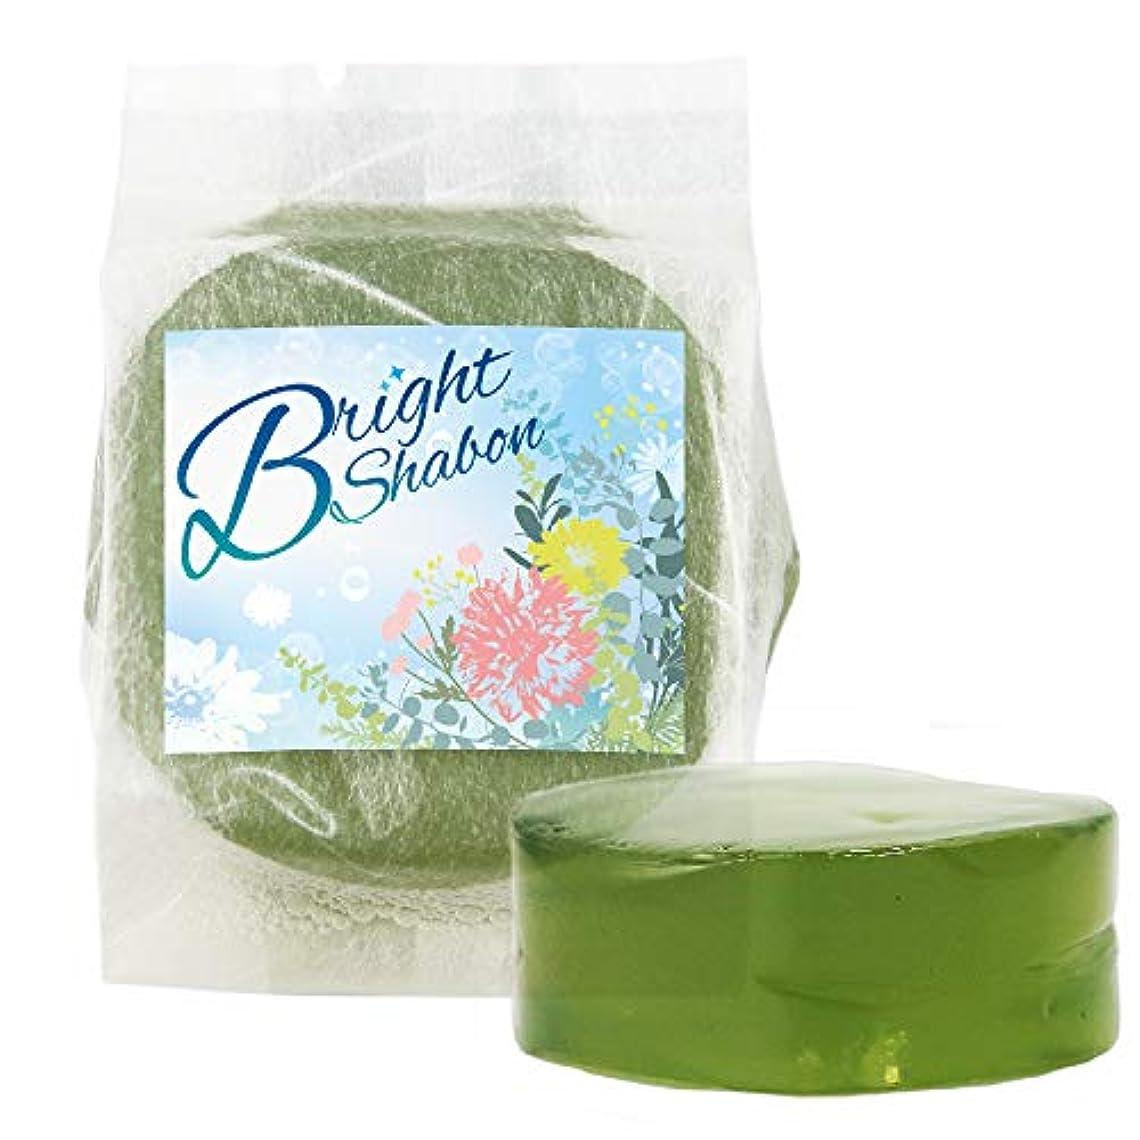 ほとんどないバレエバトルブライトシャボン Bright Shabon 洗顔料 ぷるぷる石鹸 石けん